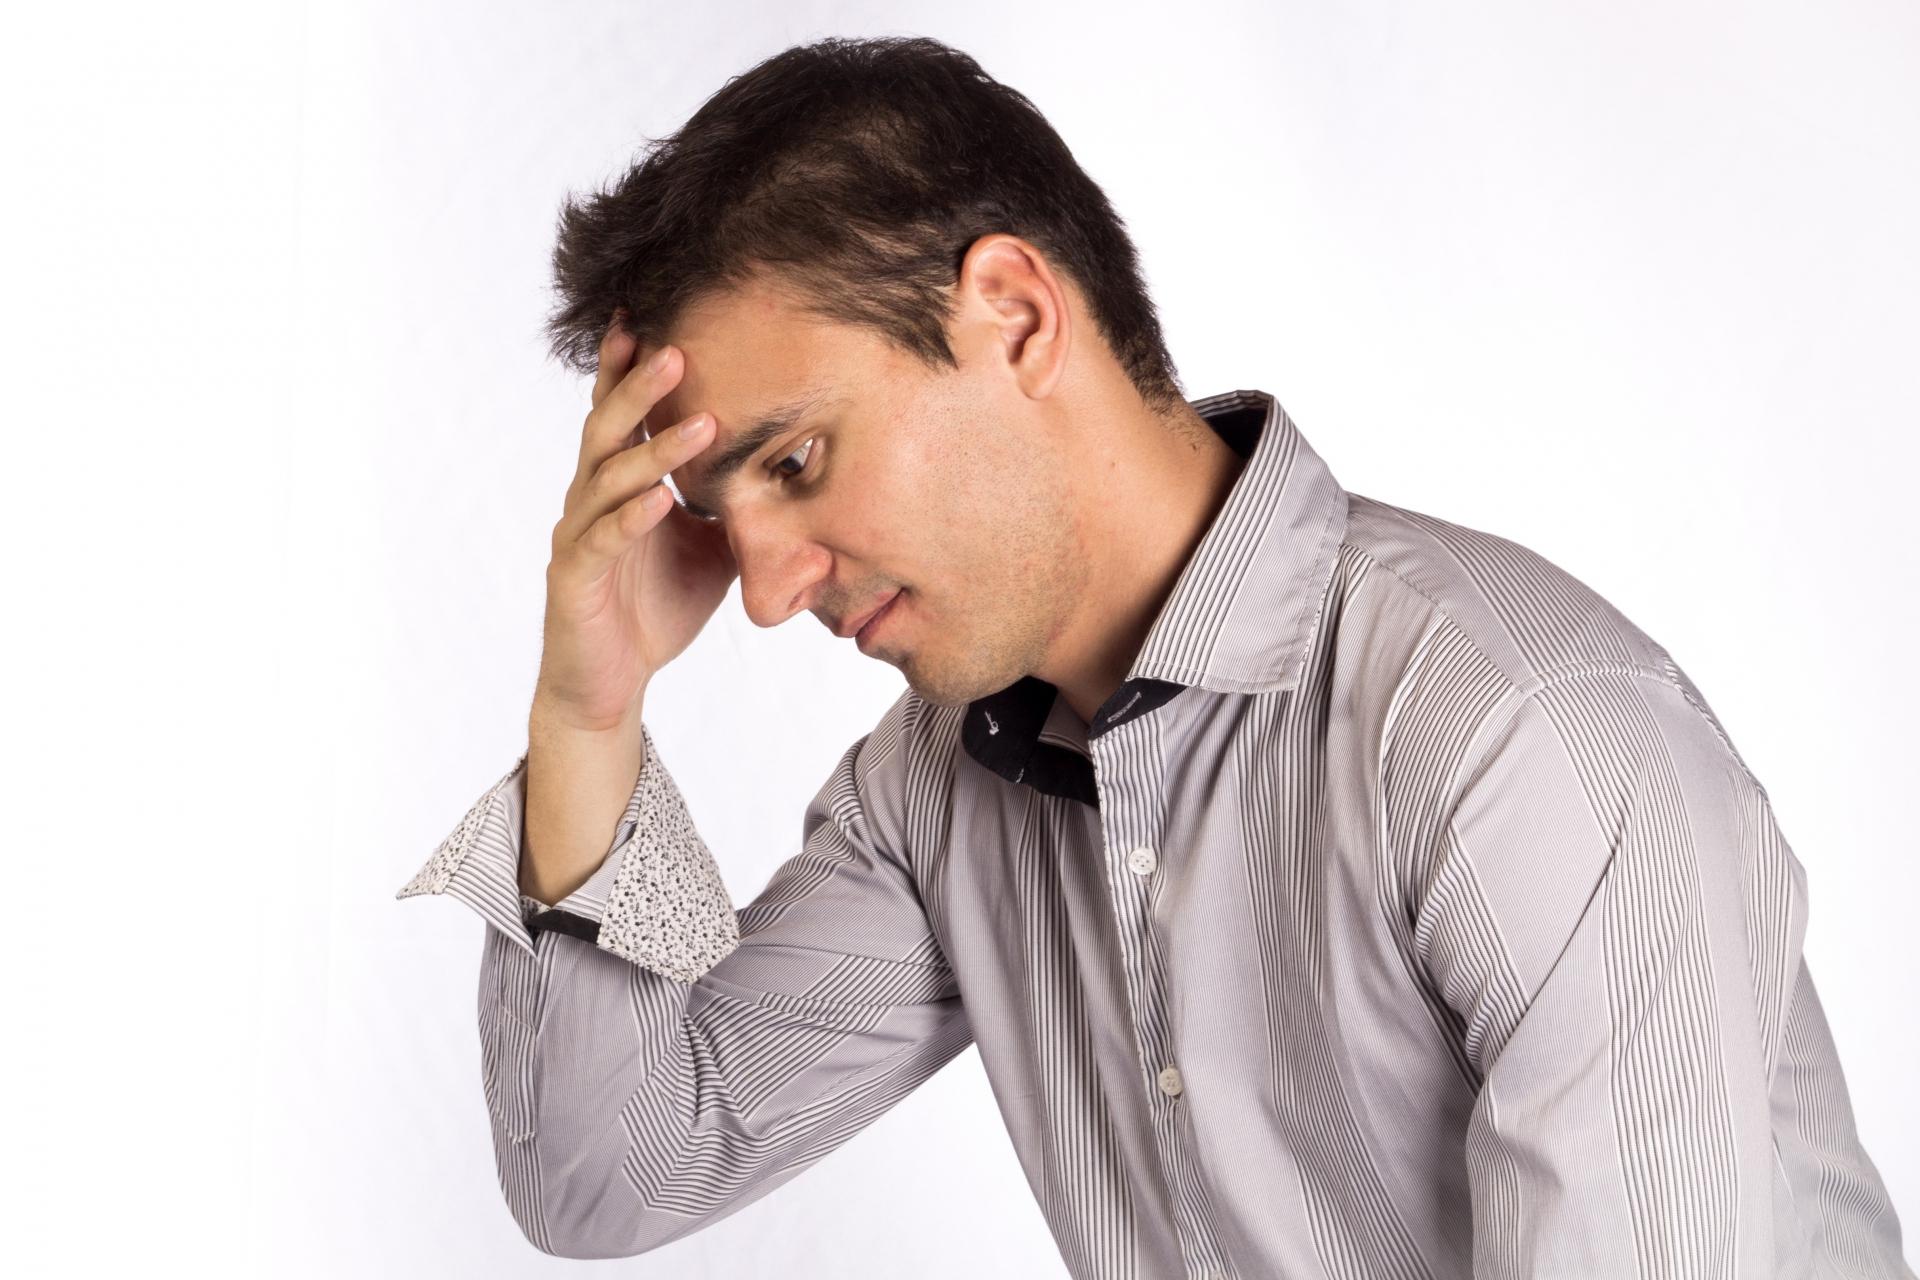 男性の更年期障害(LOH症候群)